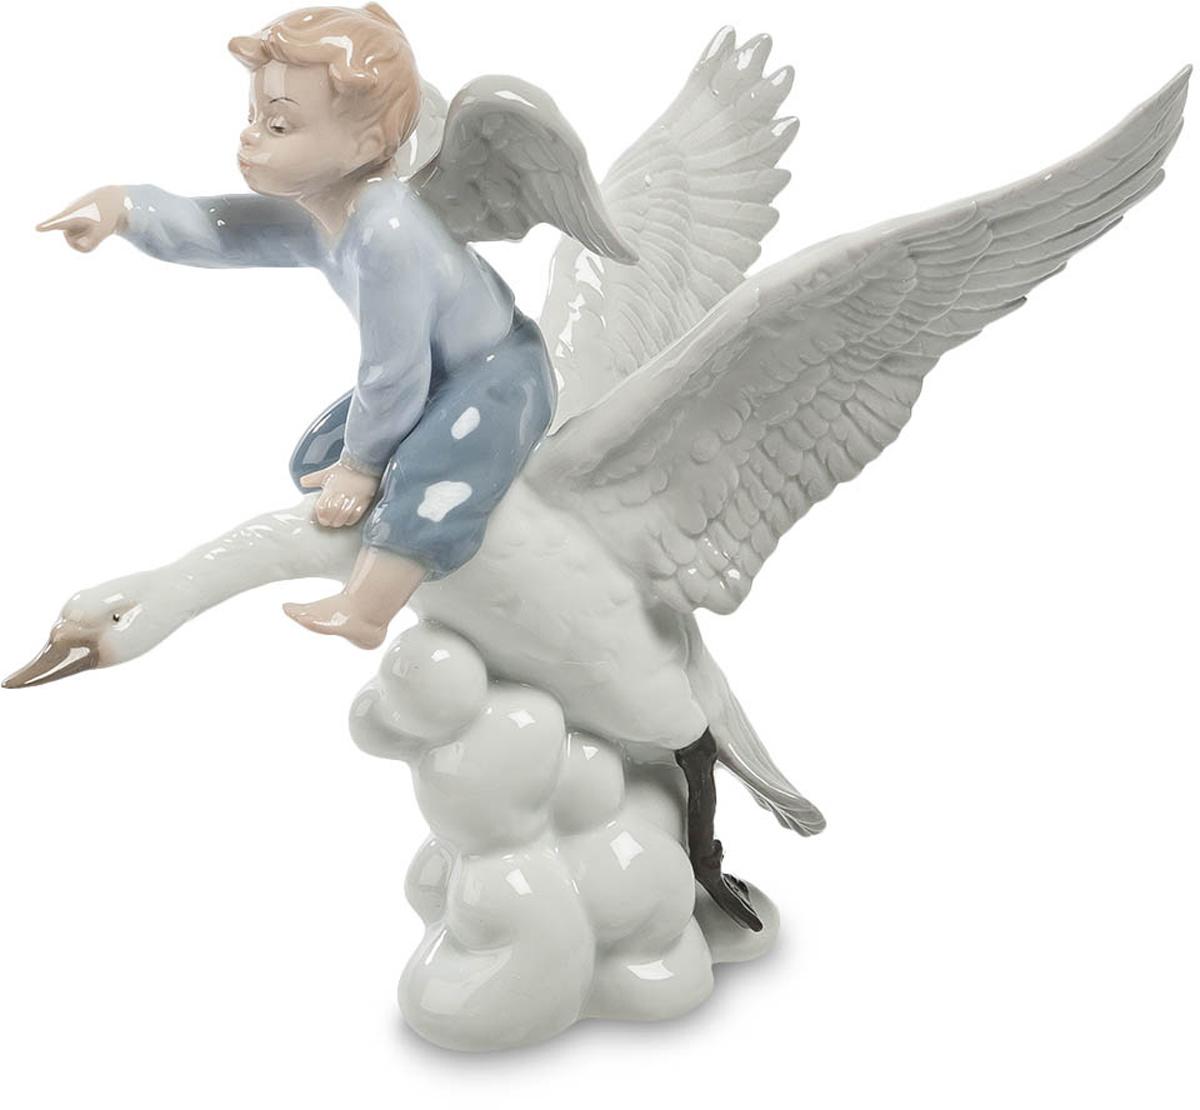 Фигурка декоративная Pavone Ангел. JP-22/ 2JP-22/ 2Декоративная фигурка Pavone Ангел станет оригинальным подарком для всех любителей стильных вещей. Сувенир выполнен из высококачественного фарфора. Изысканный сувенир станет прекрасным дополнением к интерьеру. Вы можете поставить фигурку в любом месте, где она будет удачно смотреться и радовать глаз. Изделие упаковано в подарочную коробку с атласной подложкой. Размеры фигурки: 22 см х 13 см х 19,5 см.